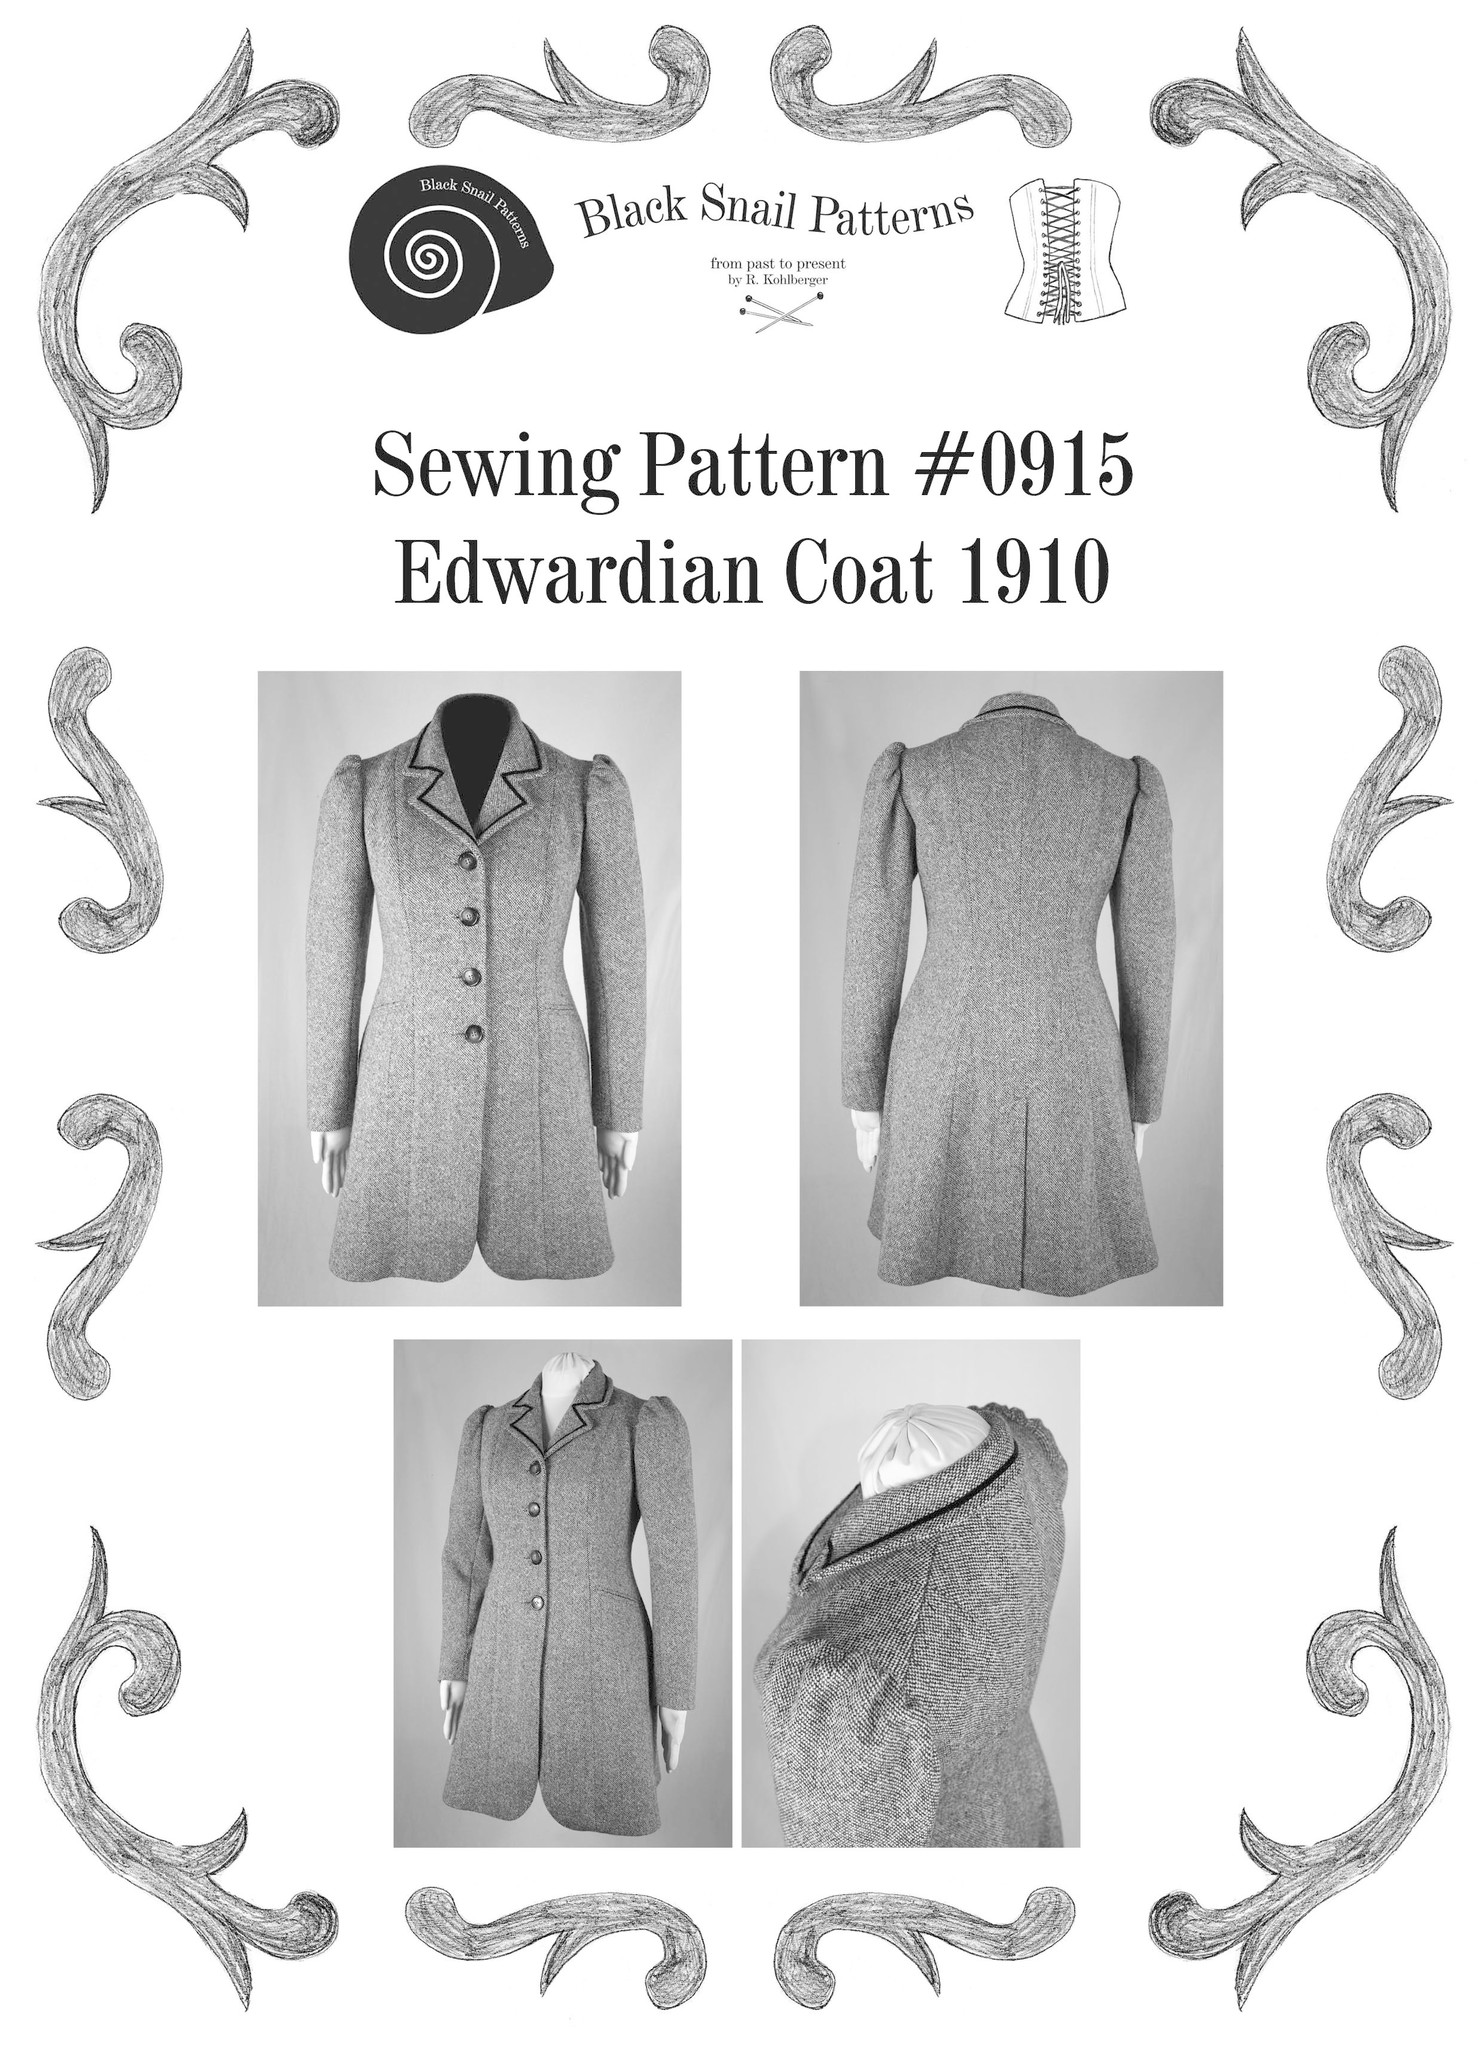 Black Snail Patterns Black Snail Patterns Edwardian Coat 1910